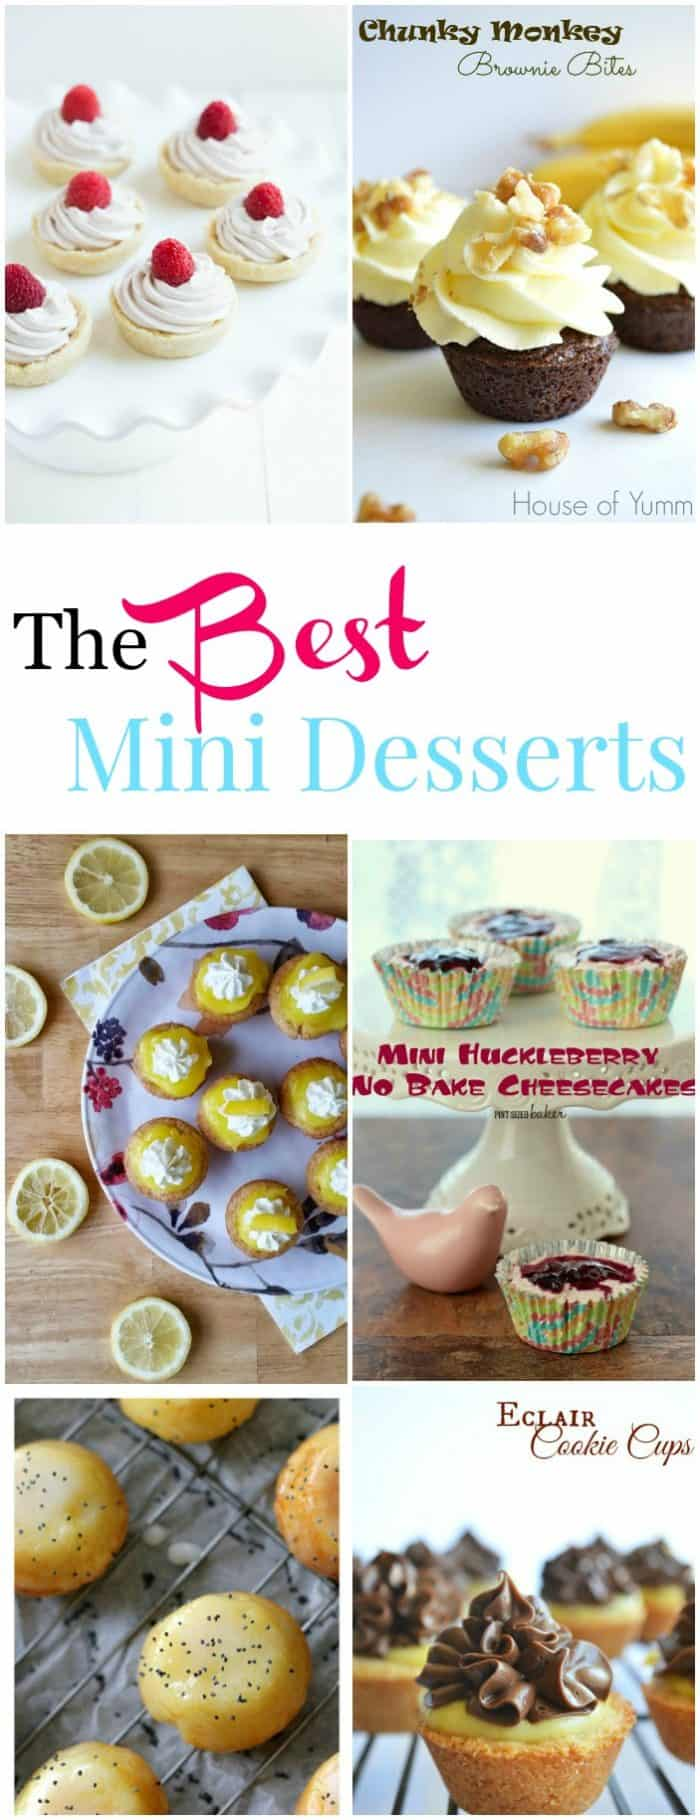 The BEST Mini Desserts